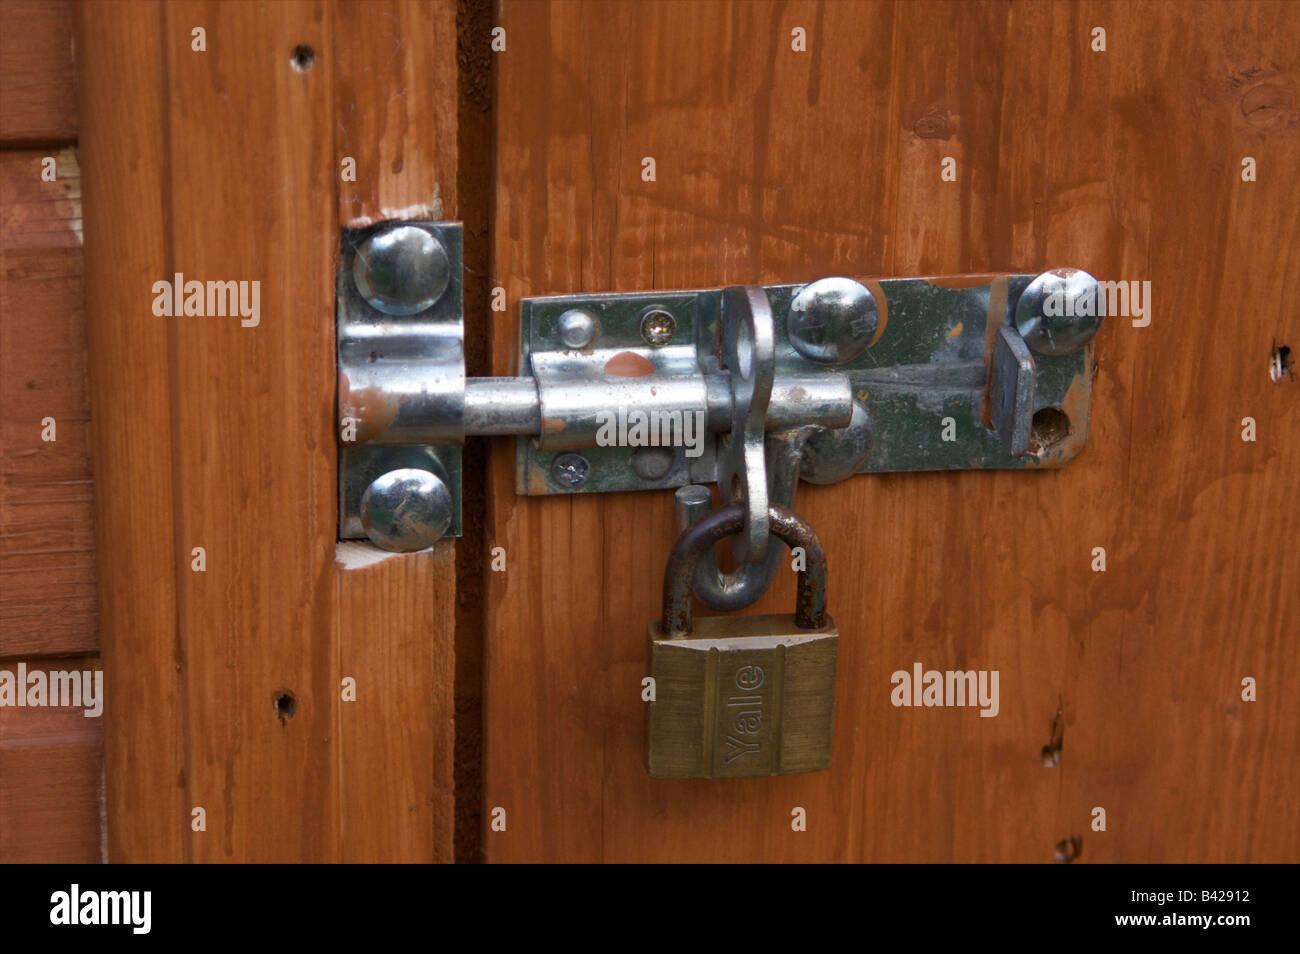 Bolt Lock Garden Door Stock Photos \u0026 Bolt Lock Garden Door